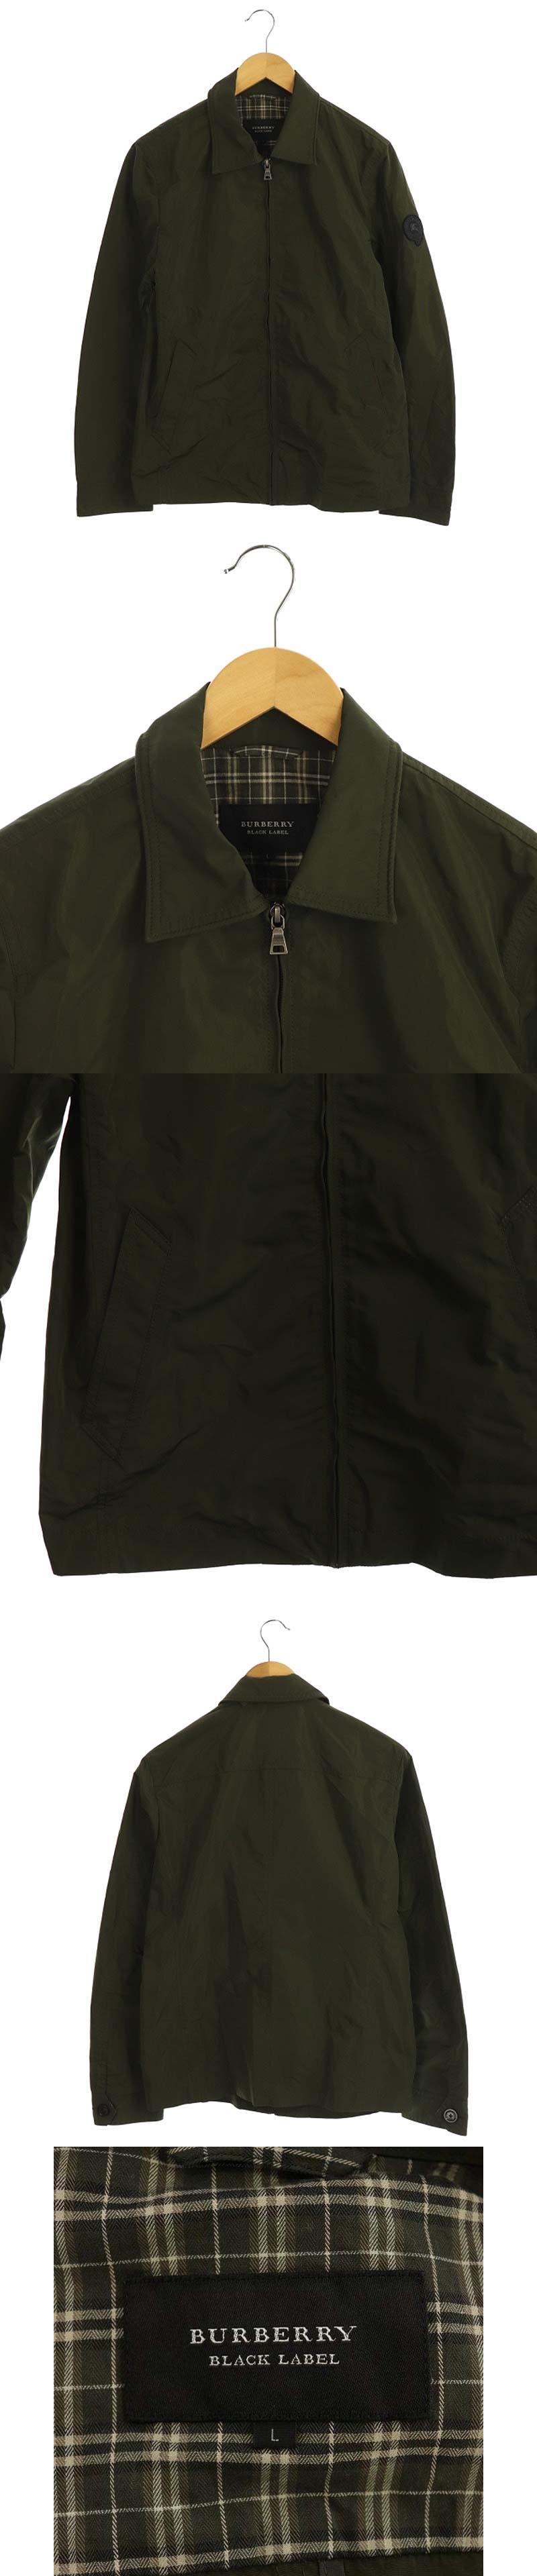 ワッペン付ジップアップジャケット ブルゾン アウター L カーキ 緑 /DF ■OS